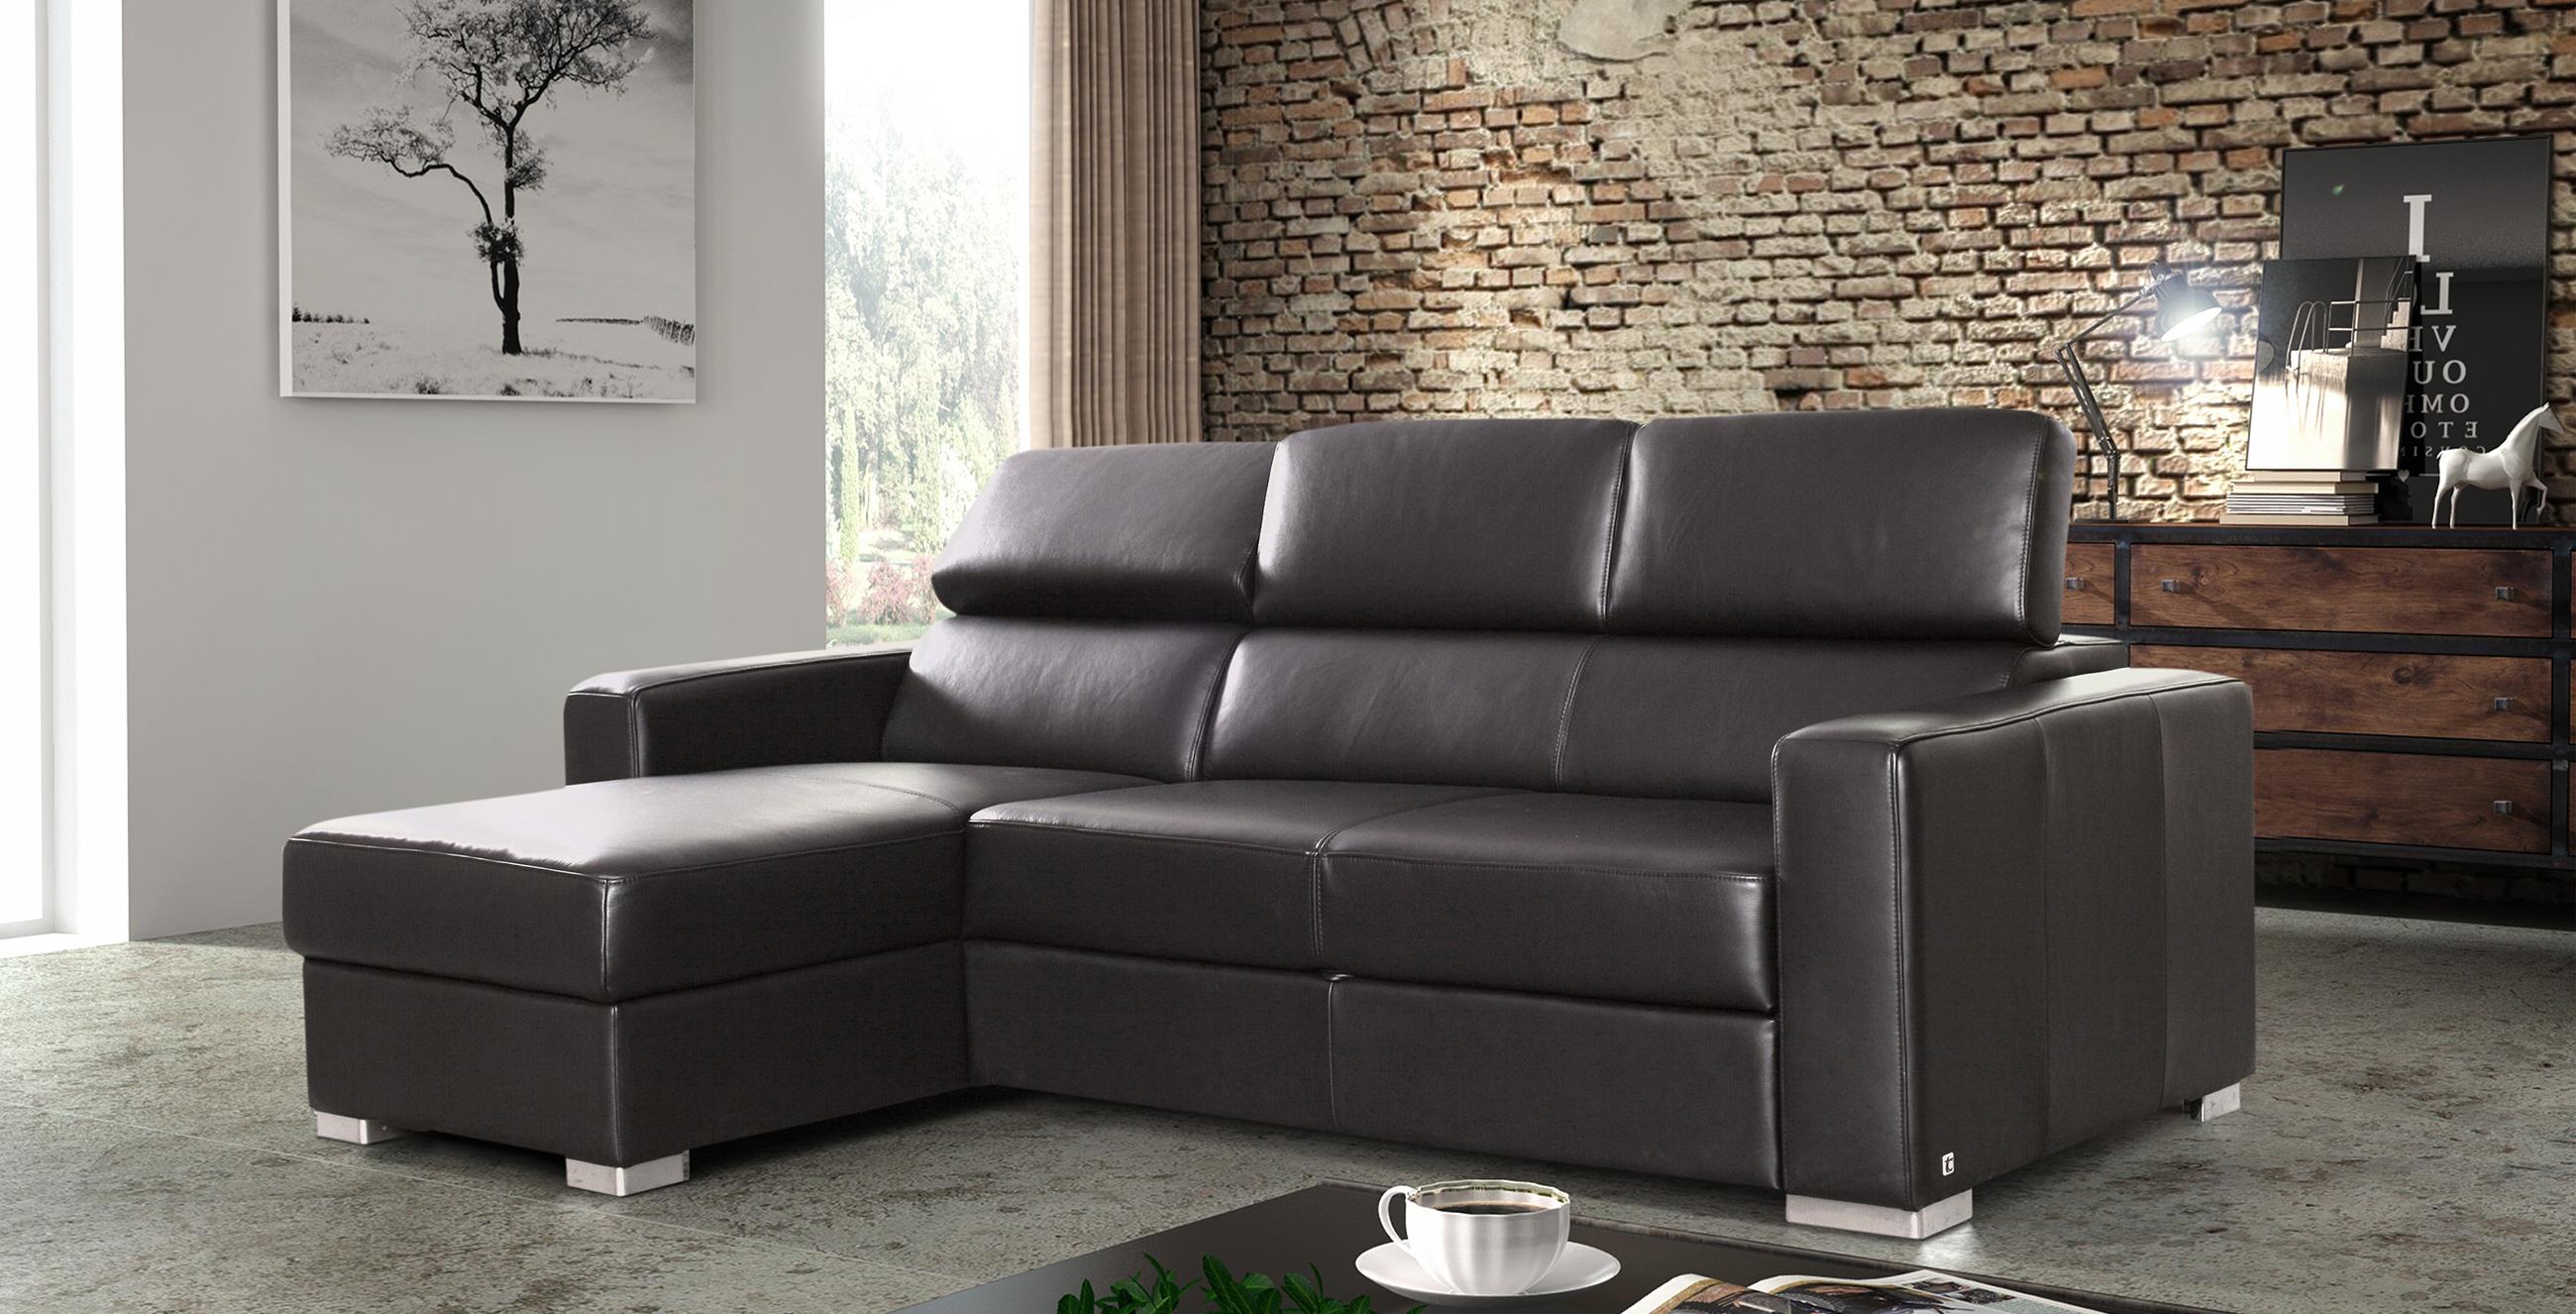 lari nowoczesny komplet wypoczynkowy do salonu sofa narożnik